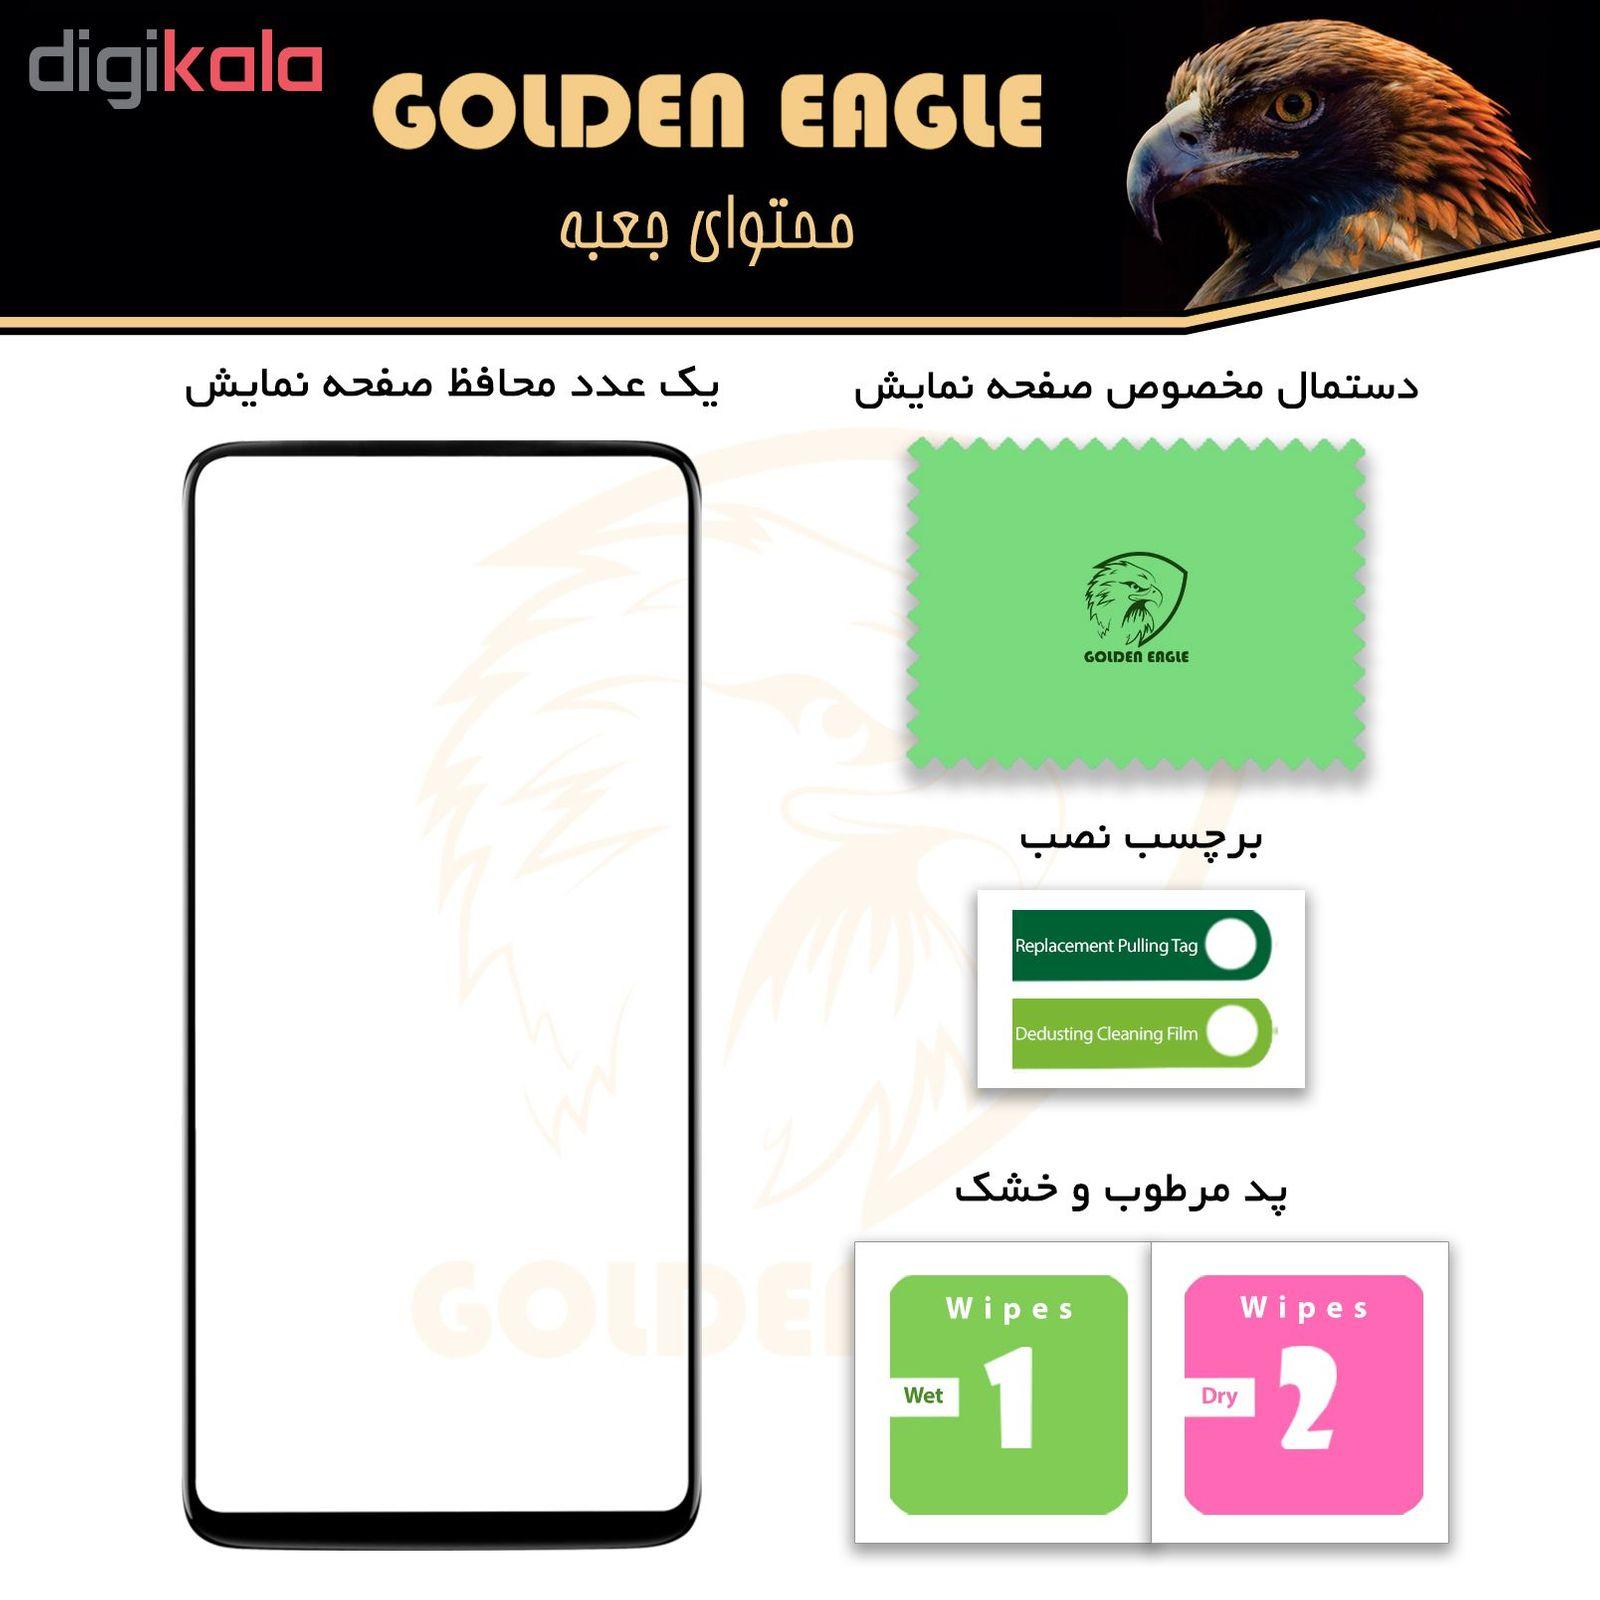 محافظ صفحه نمایش گلدن ایگل مدل DFC-X1 مناسب برای گوشی موبایل اپل iPhone SE main 1 3